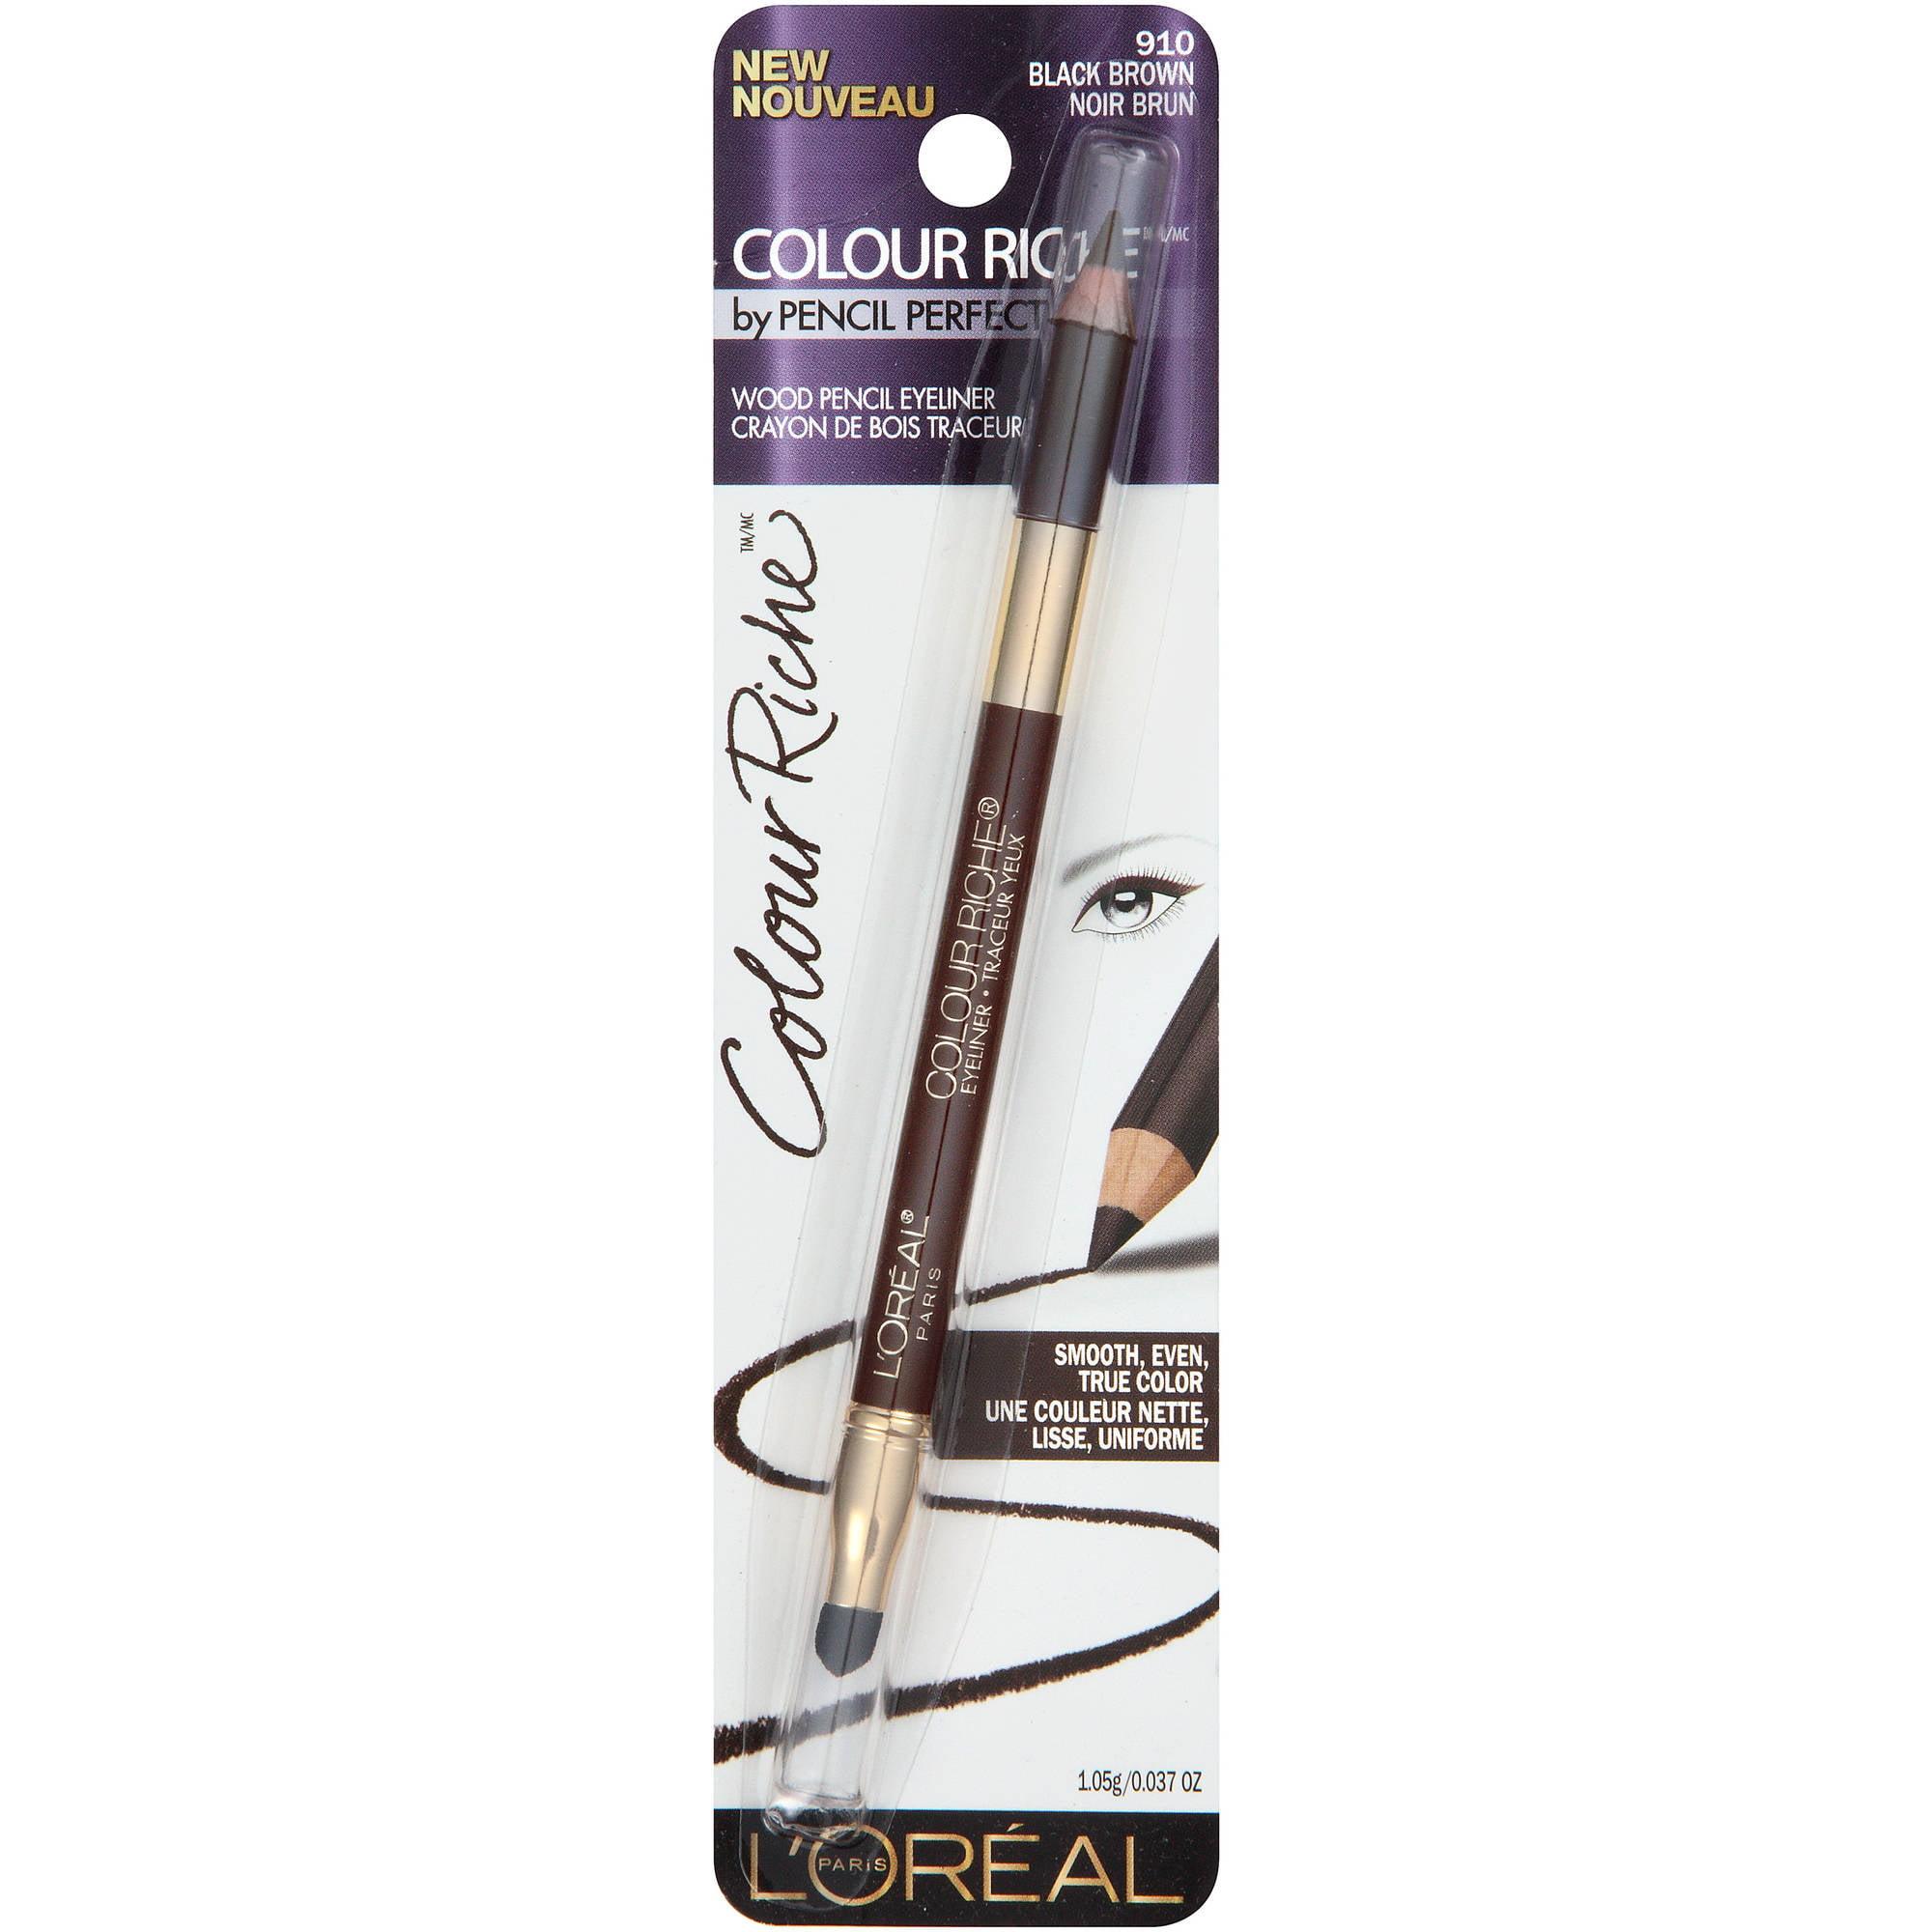 L'Oreal Paris Colour Riche Eyeliner, 910 Black/Brown, 0.037 Ounce - ONE